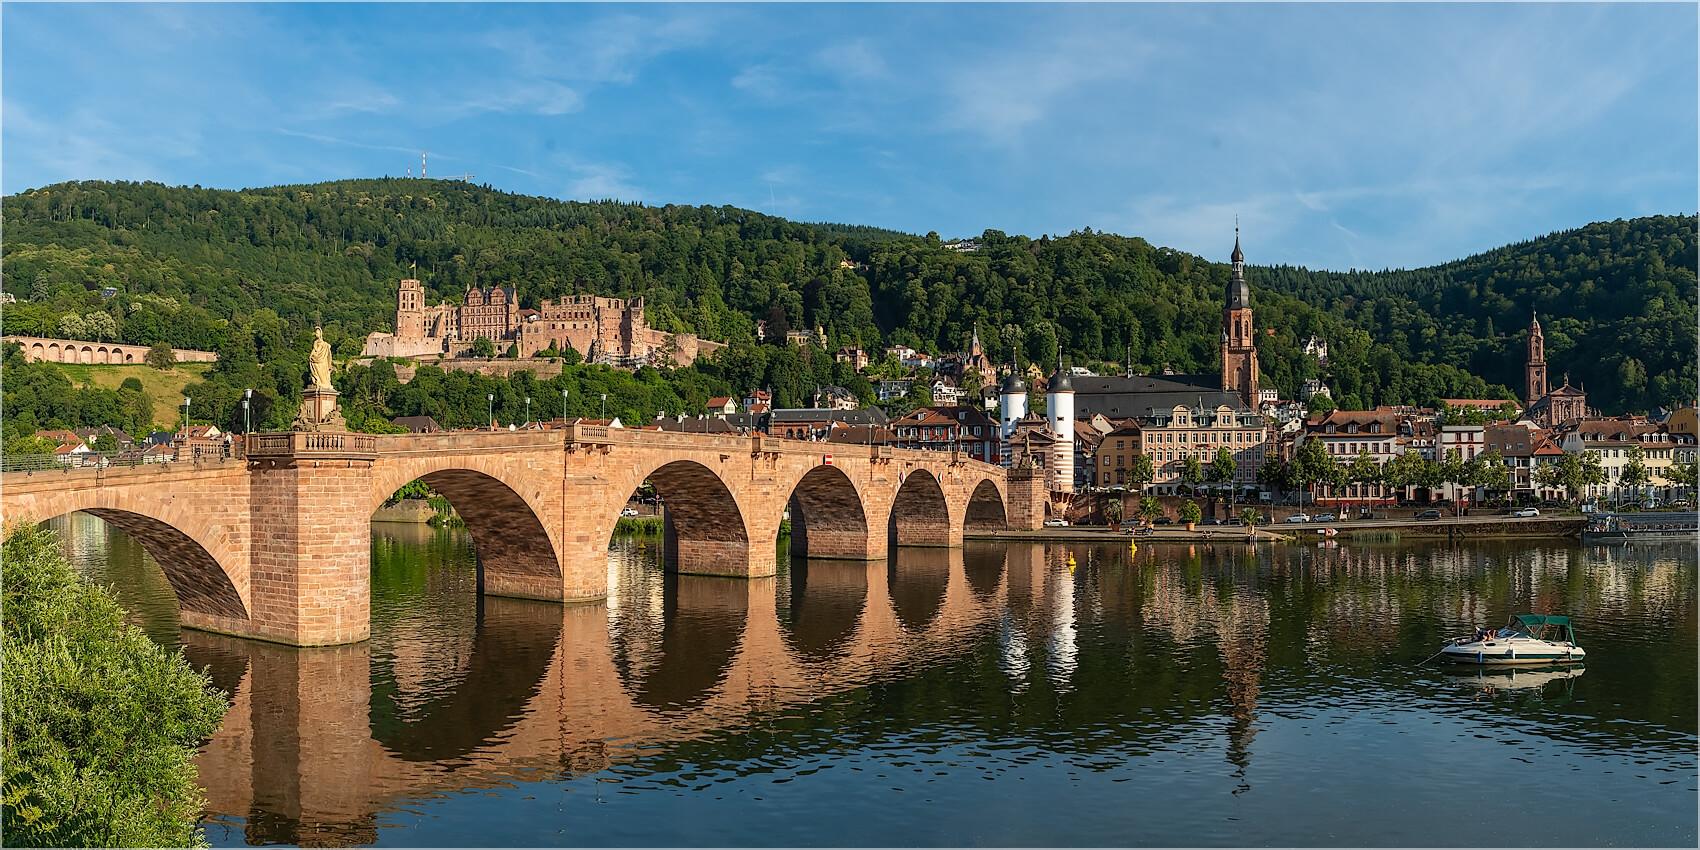 Panoramabild Heidelberg alte Brücke am Neckar